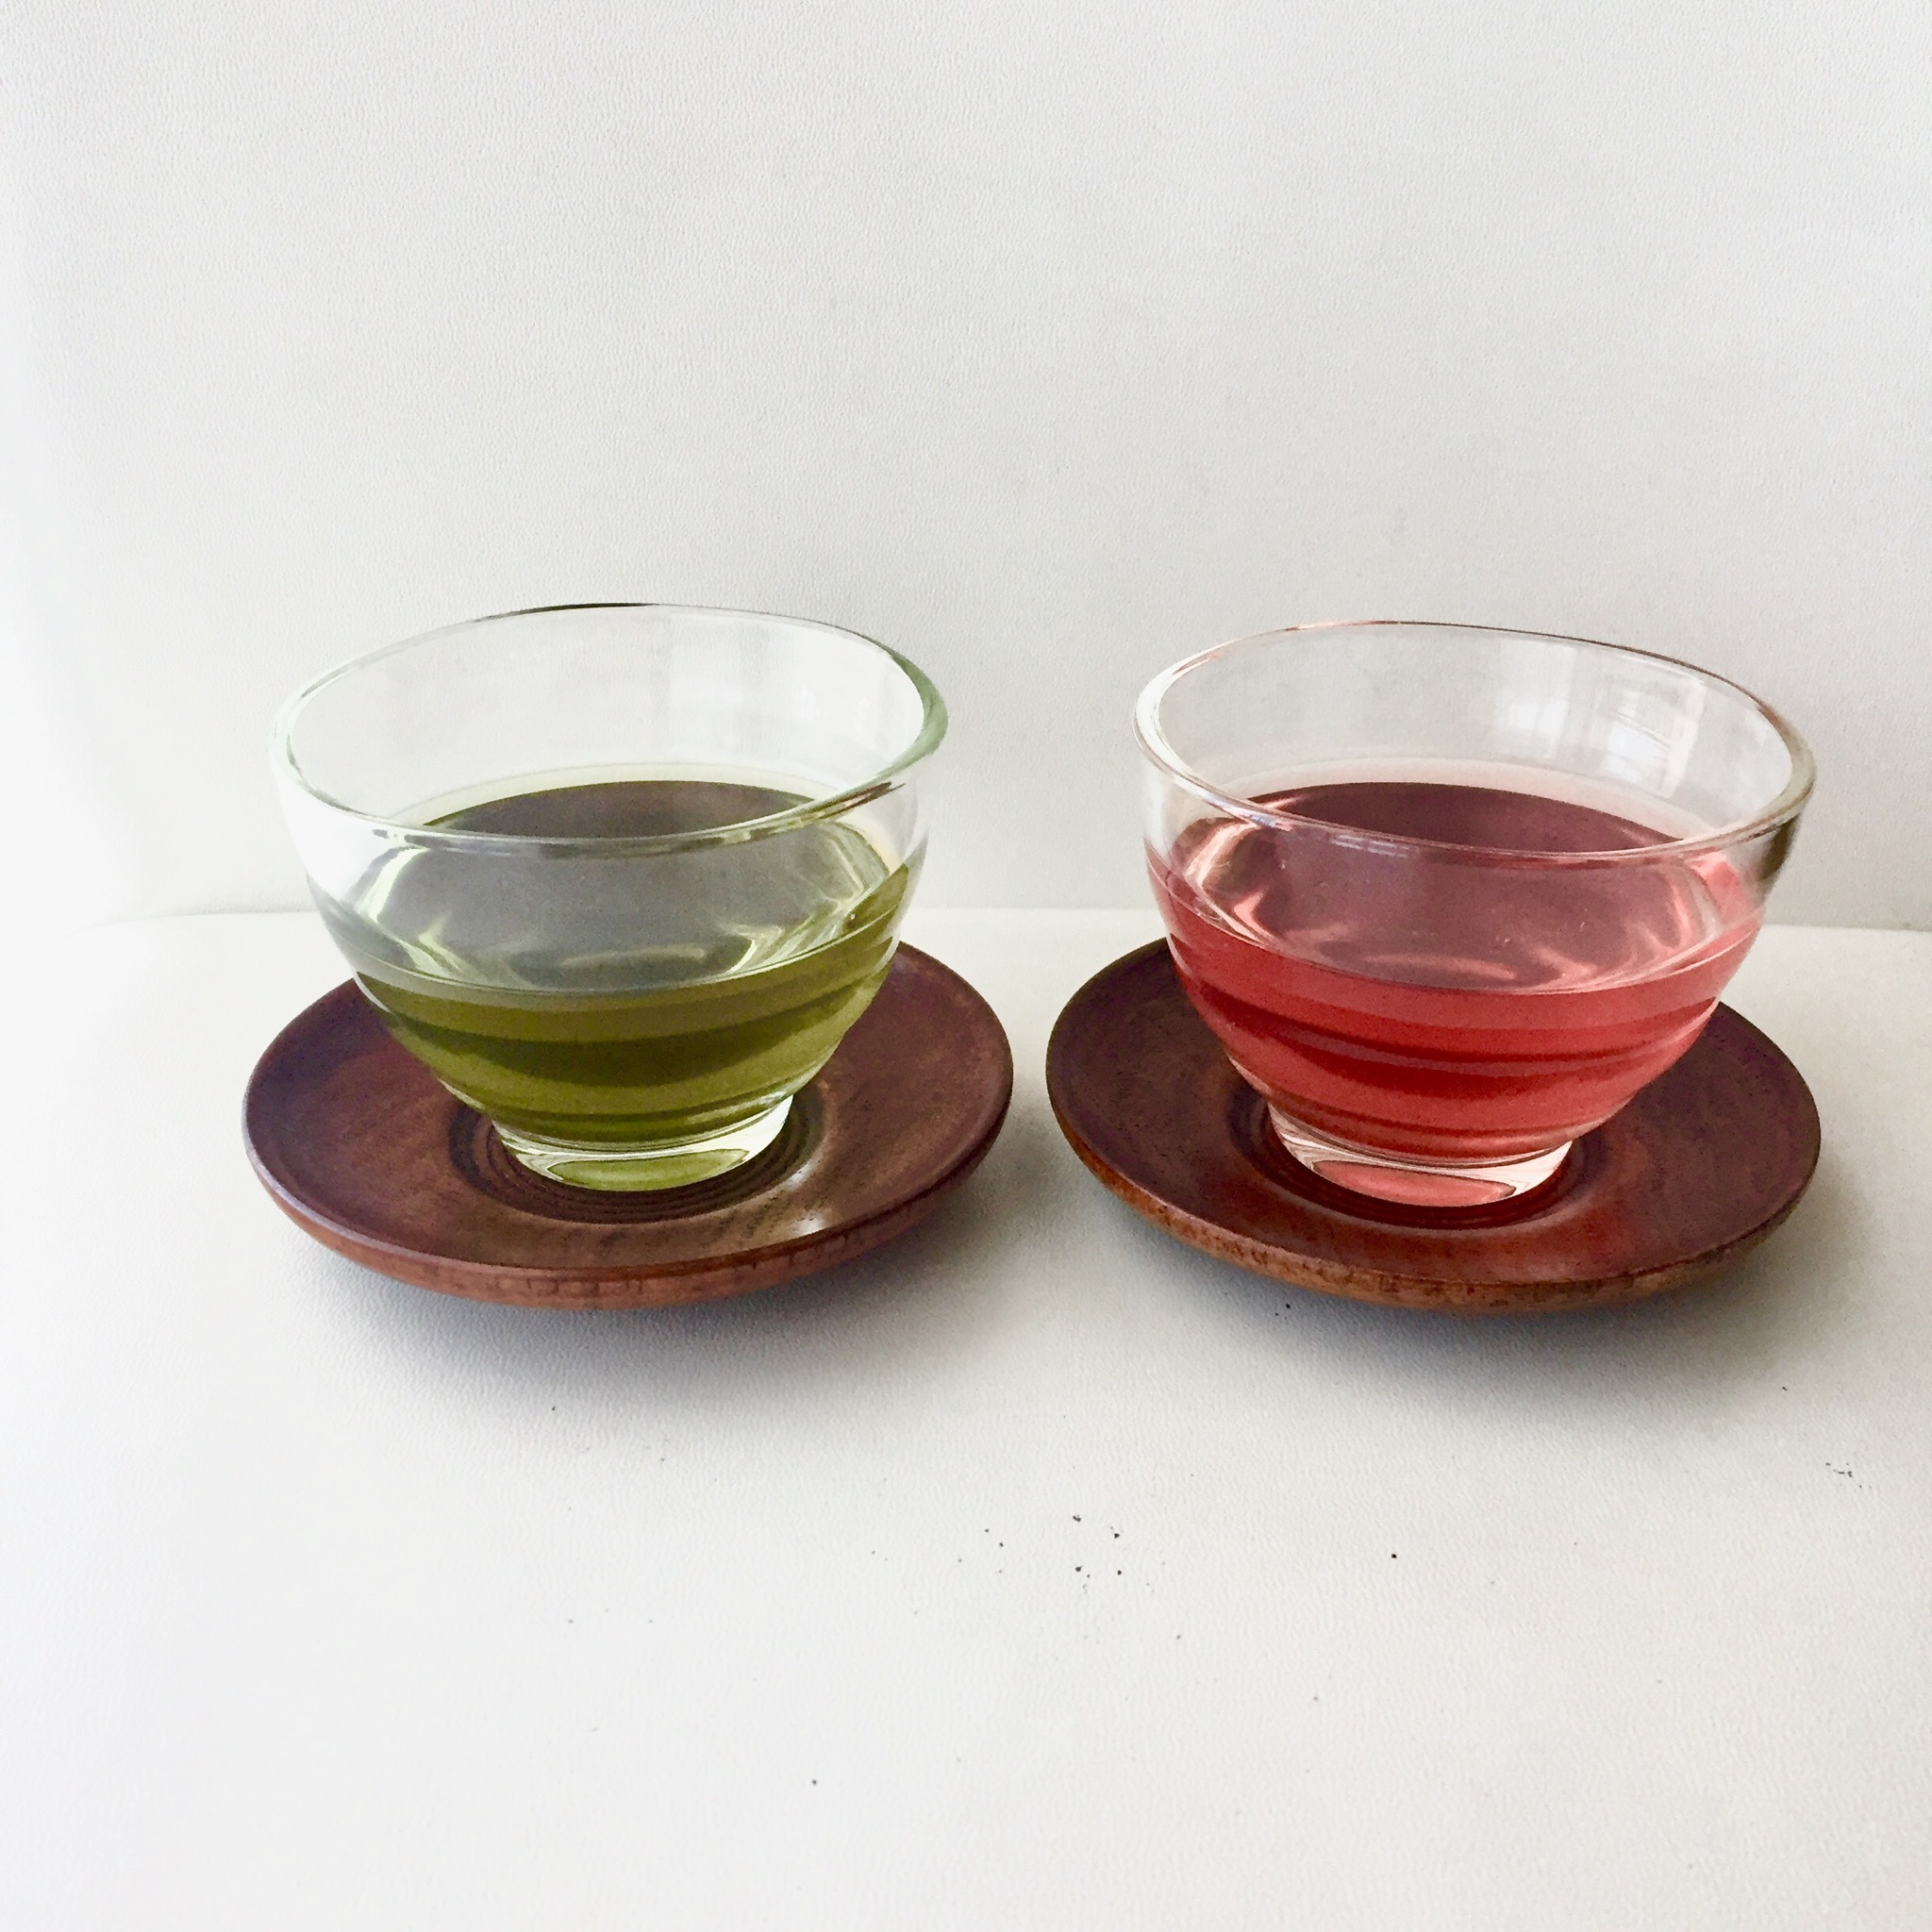 バレンタインにも♡赤い日本茶_1_1